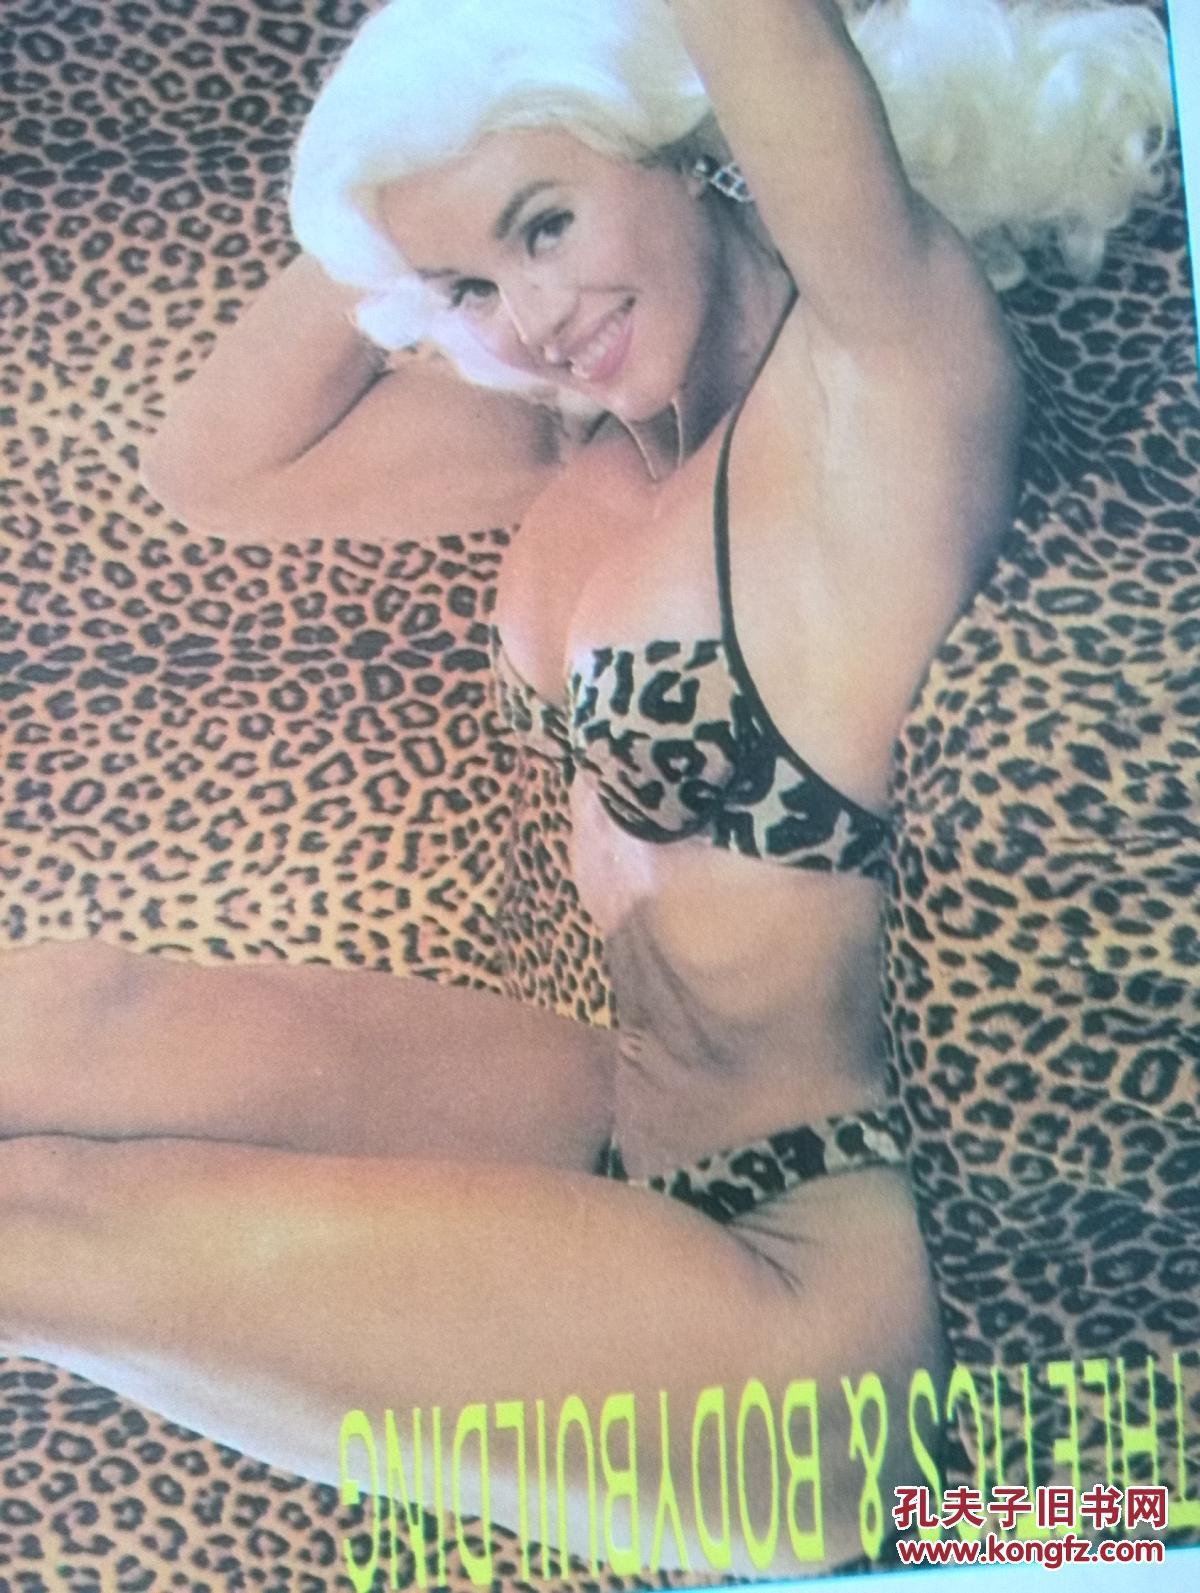 有精美插页健美女郎,95体坛大回顾图片,封面健美女郎,96中国足坛展望